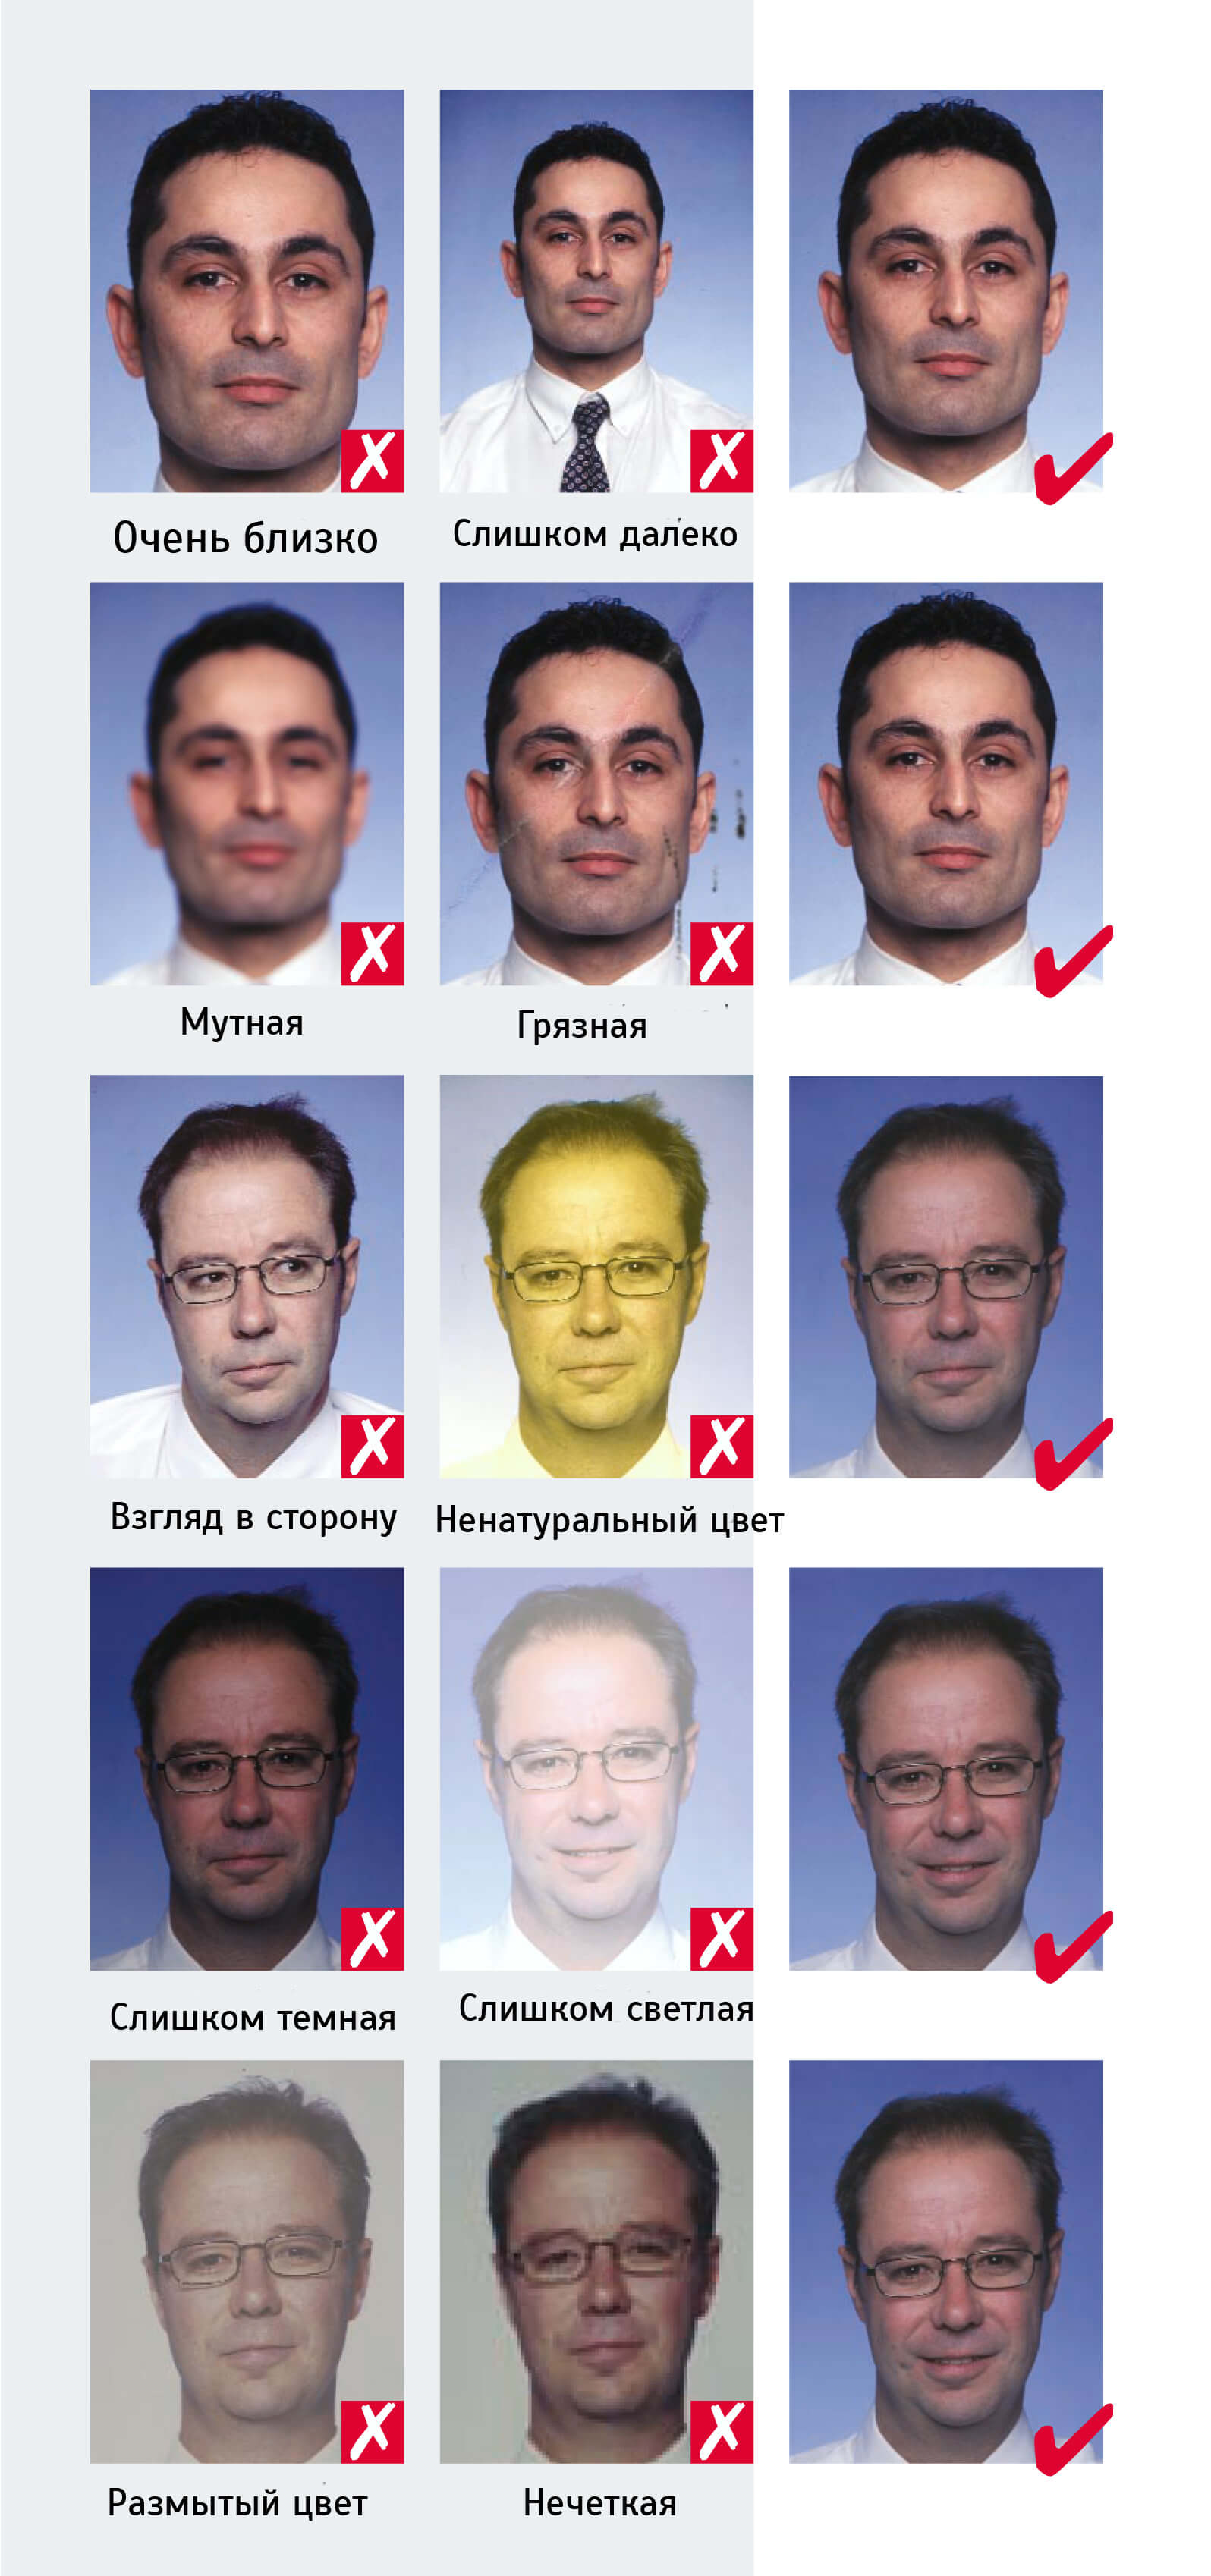 Как сделать фото для шенгенской